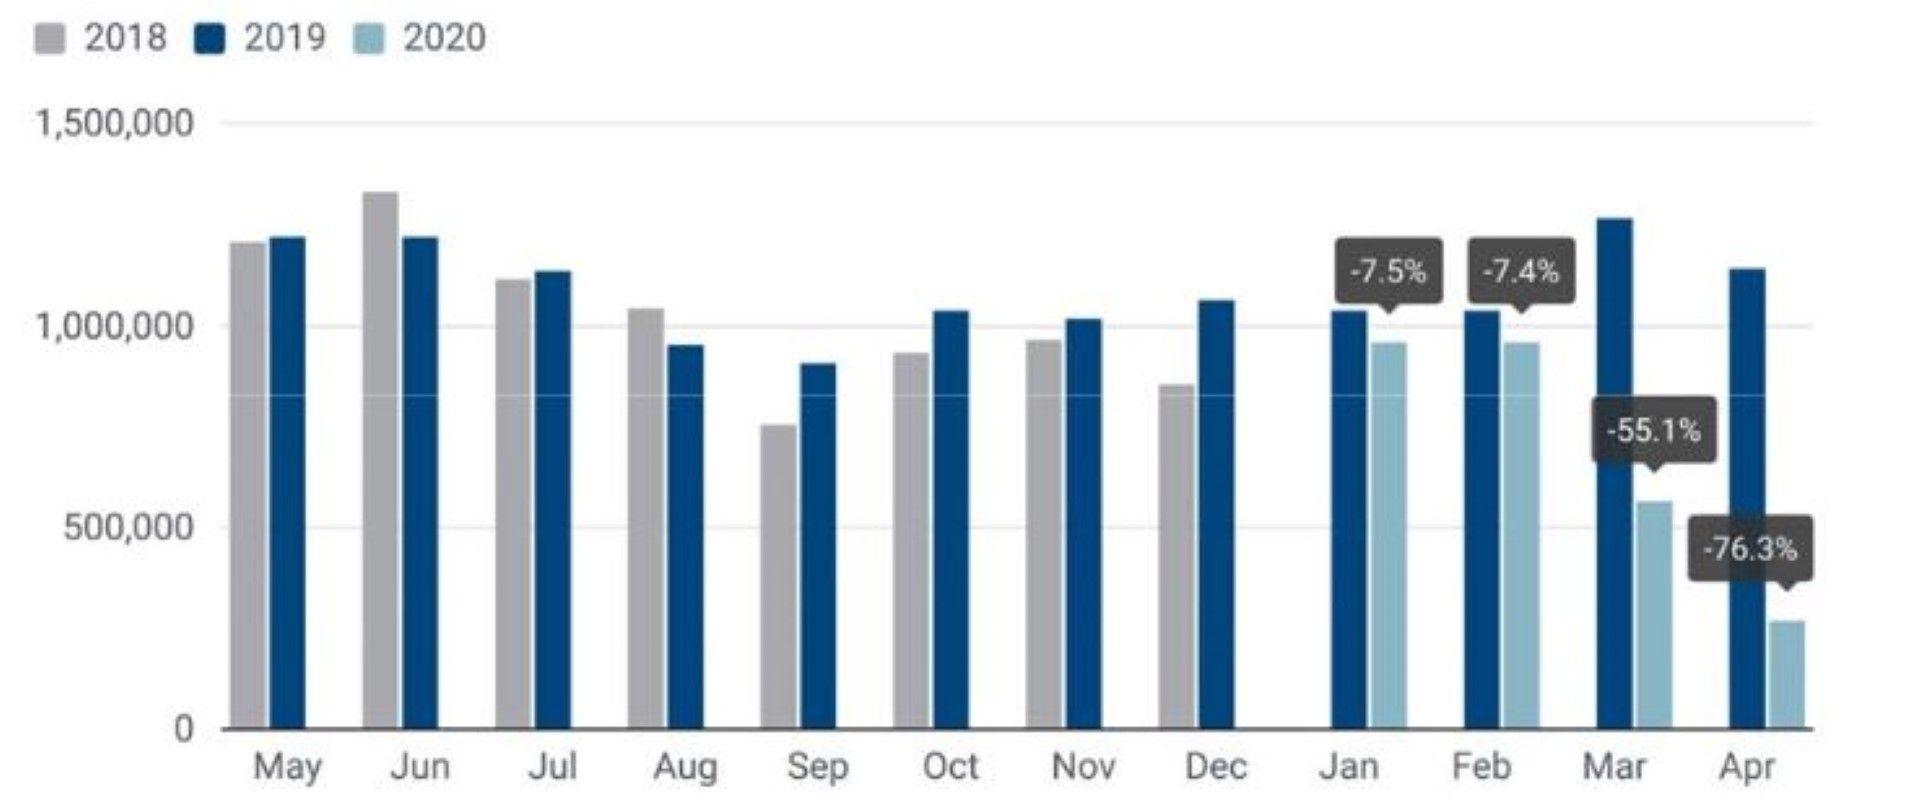 Регистрации на нови леки автомобили в ЕС (по месеци)